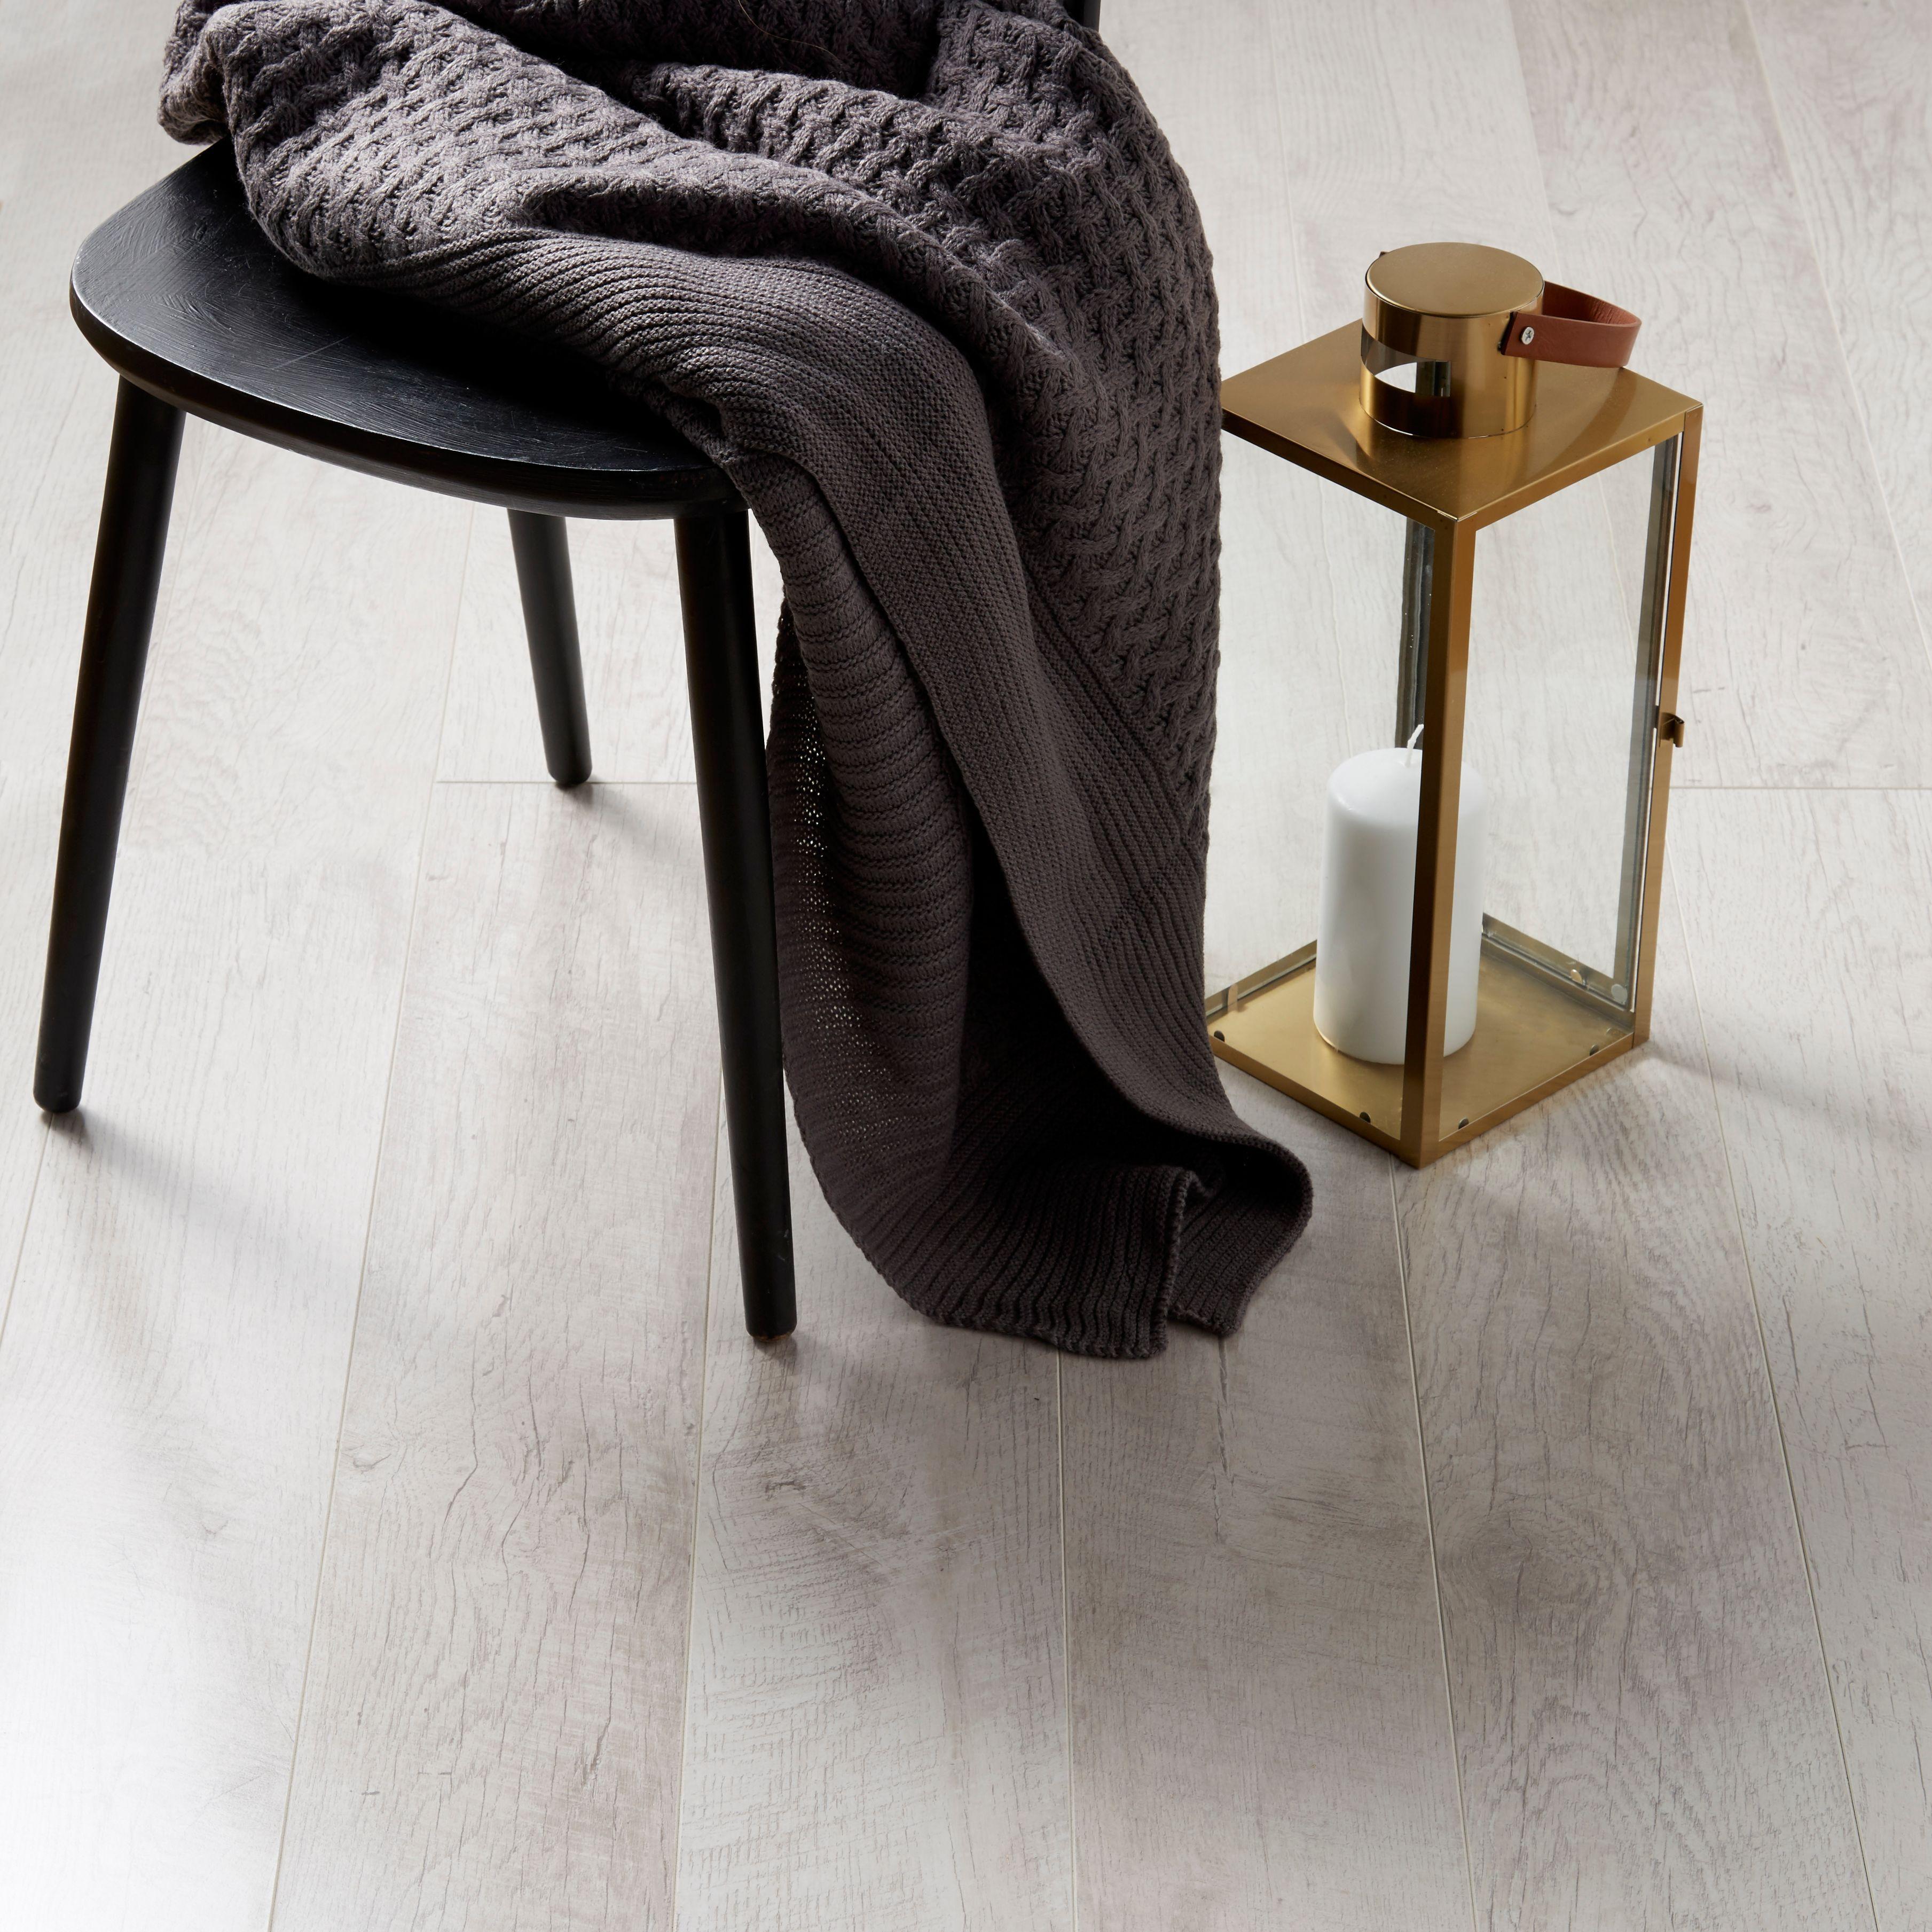 Bannerton White Oak Effect Laminate Flooring 2 058 M² Pack